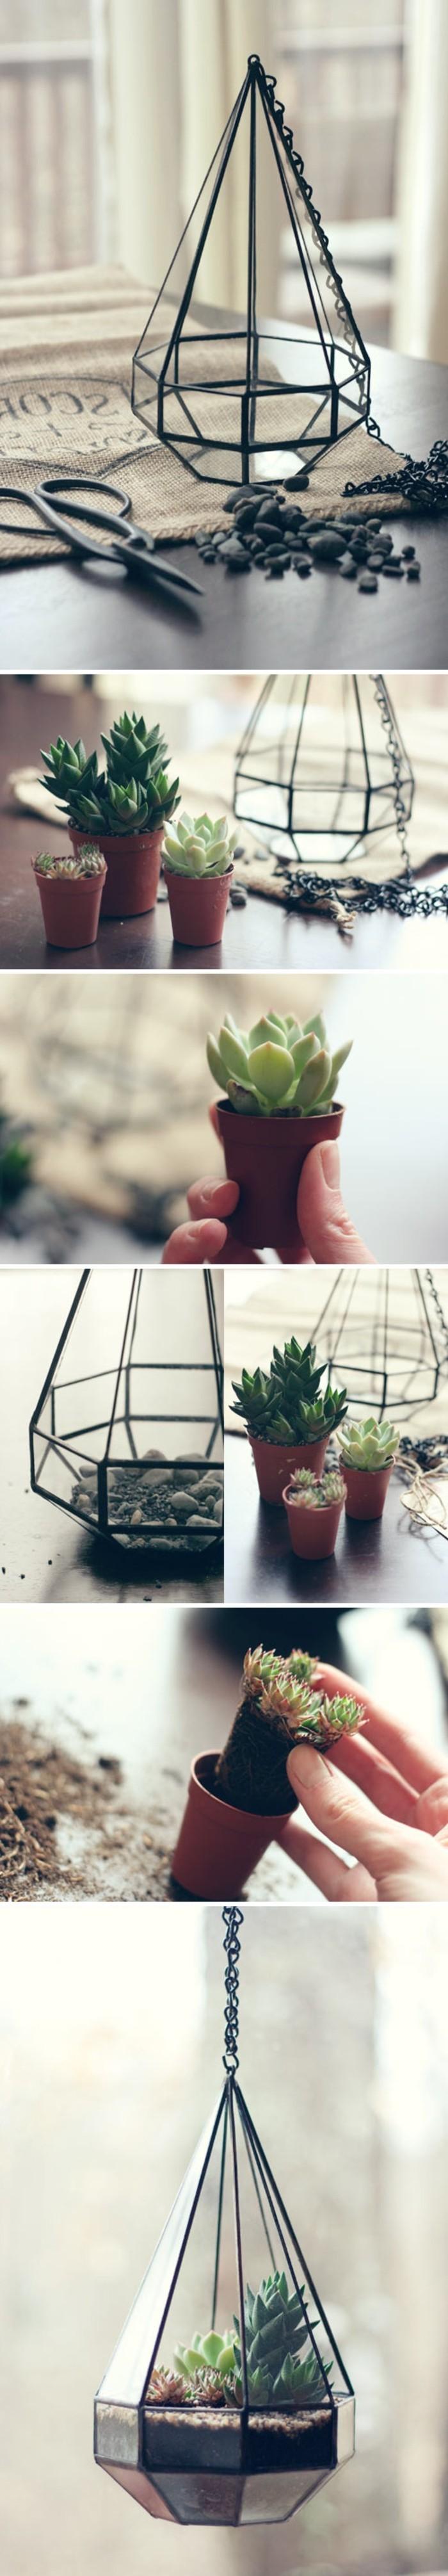 un tutoriel pour fabriquer un terrarium plante suspendu, joli effet ...